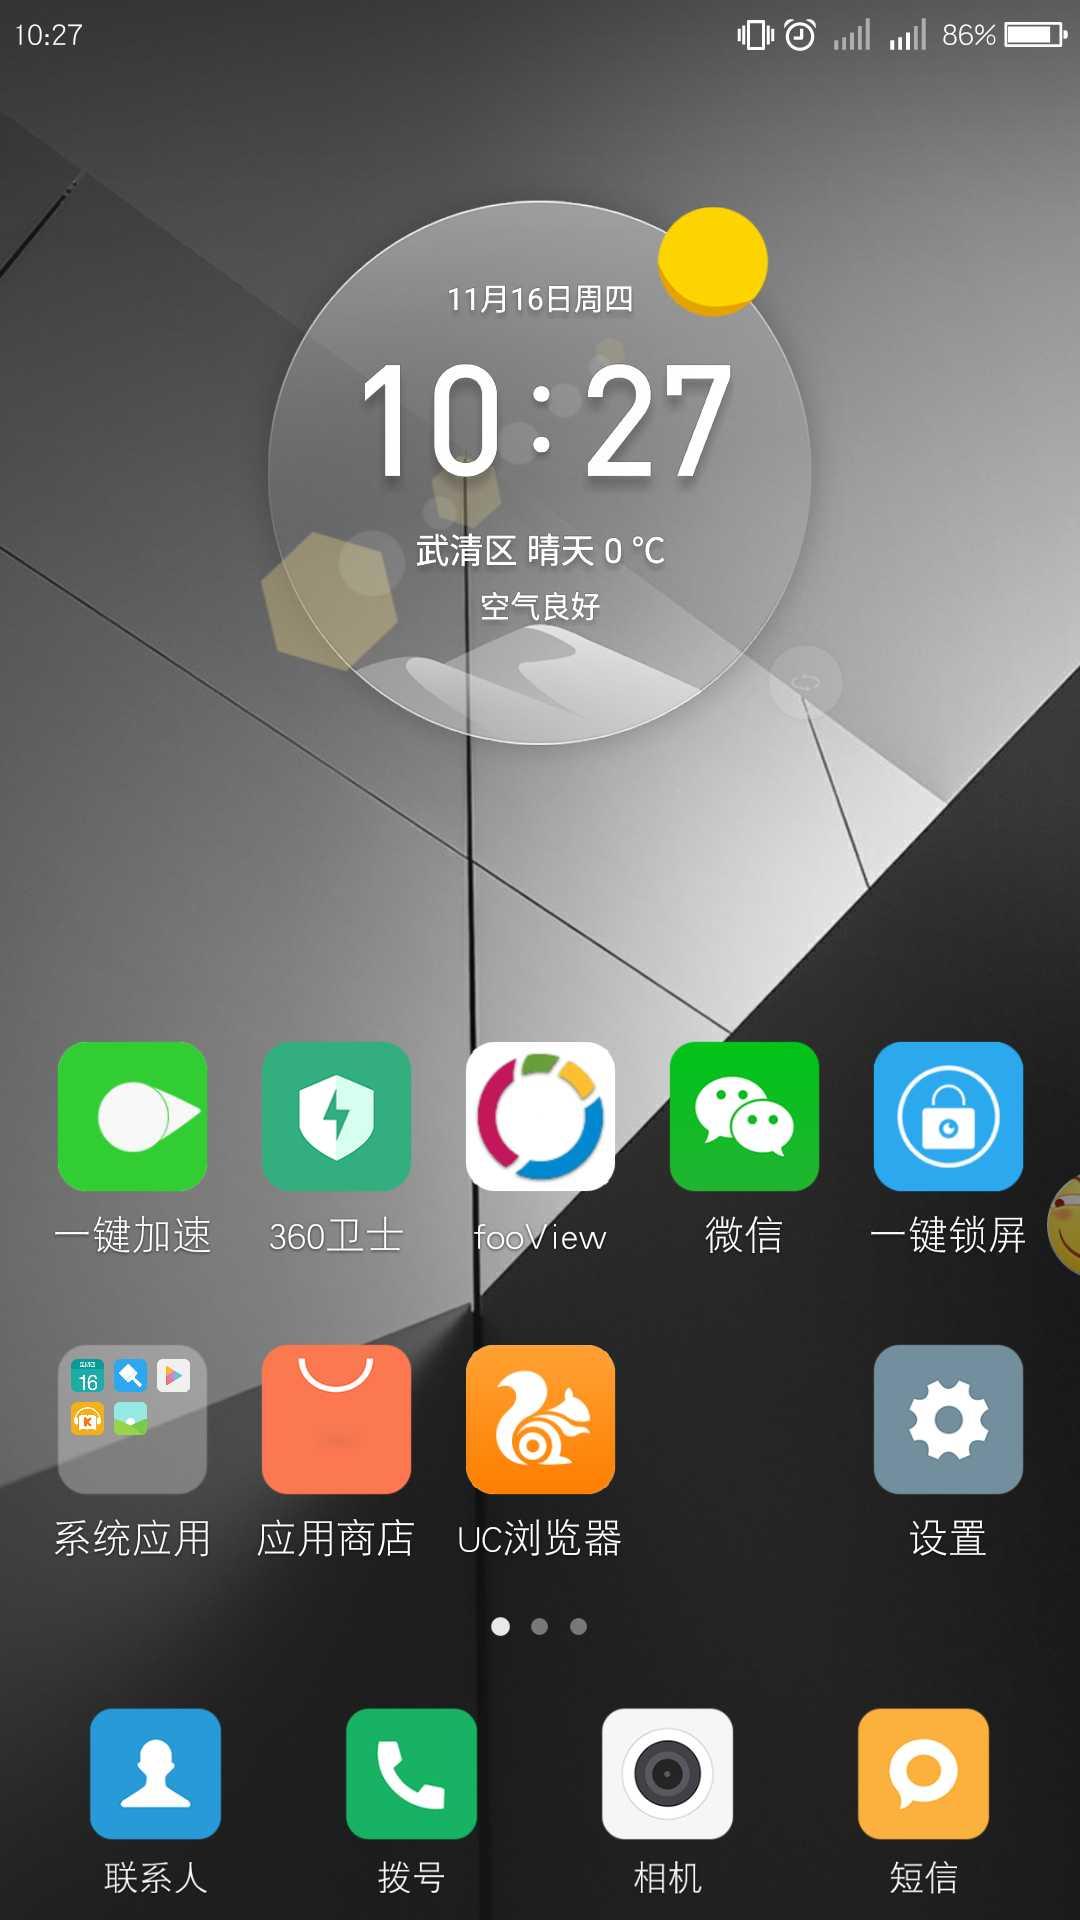 Screenshot_2017-11-16-10-27-18_comps.jpg